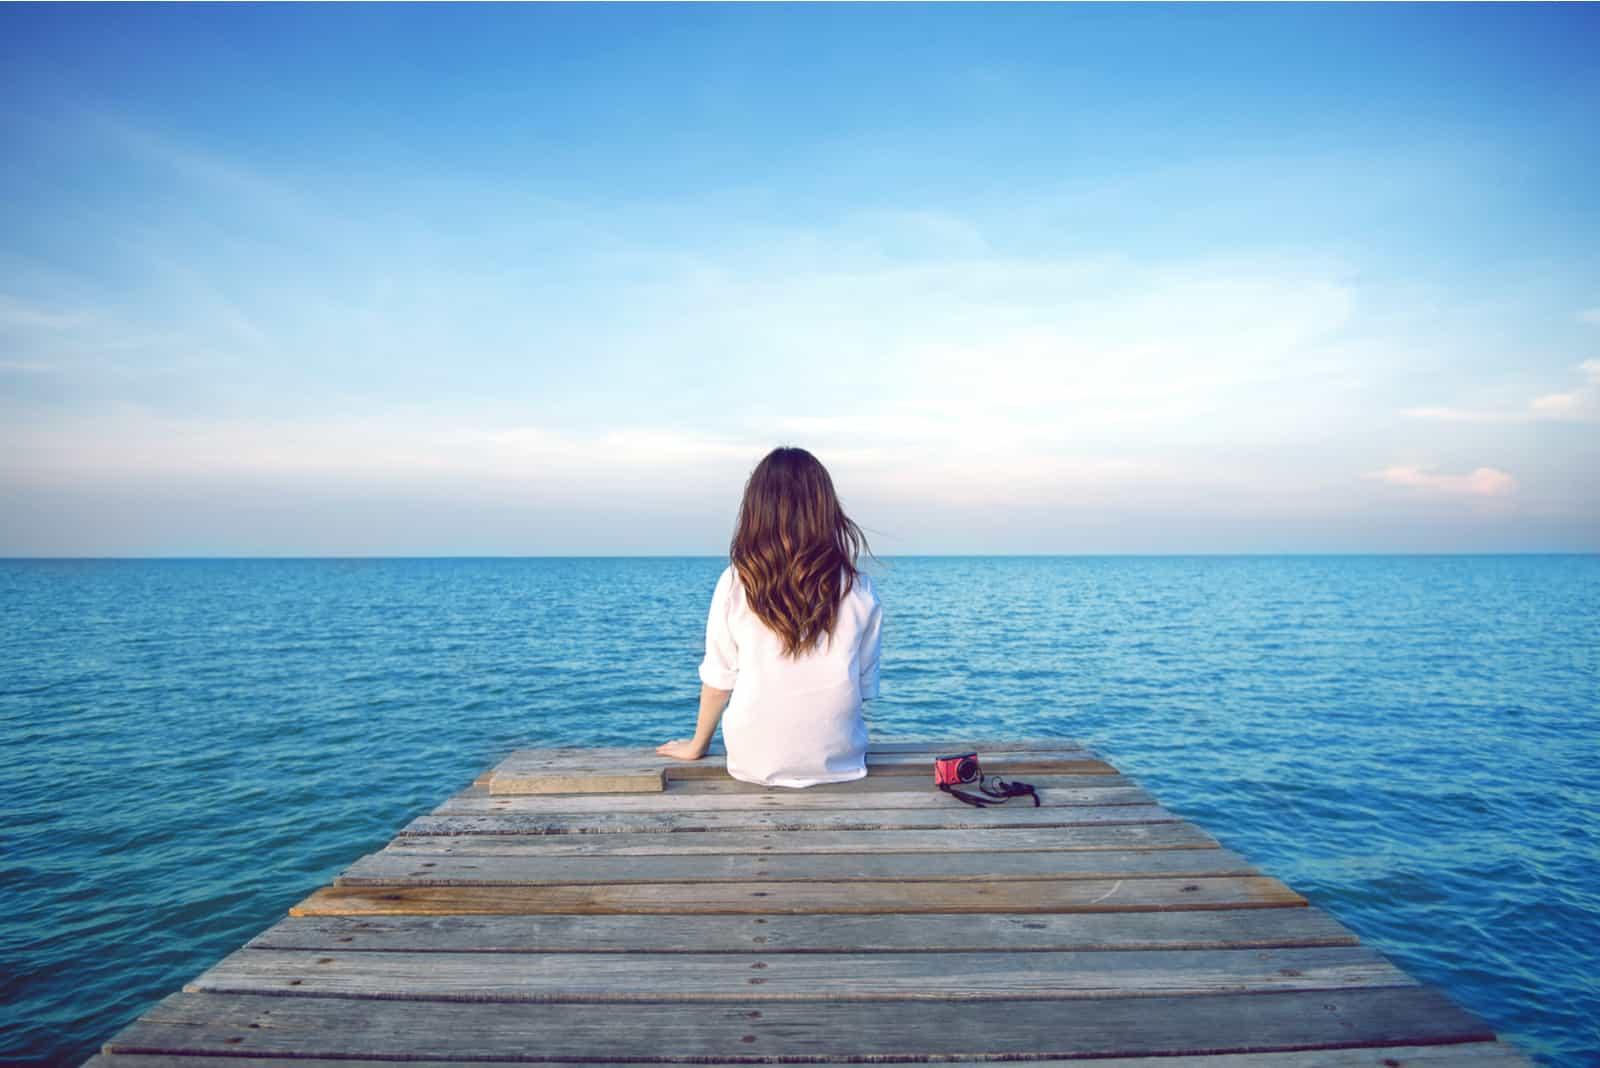 une femme aux longs cheveux noirs est assise sur une jetée